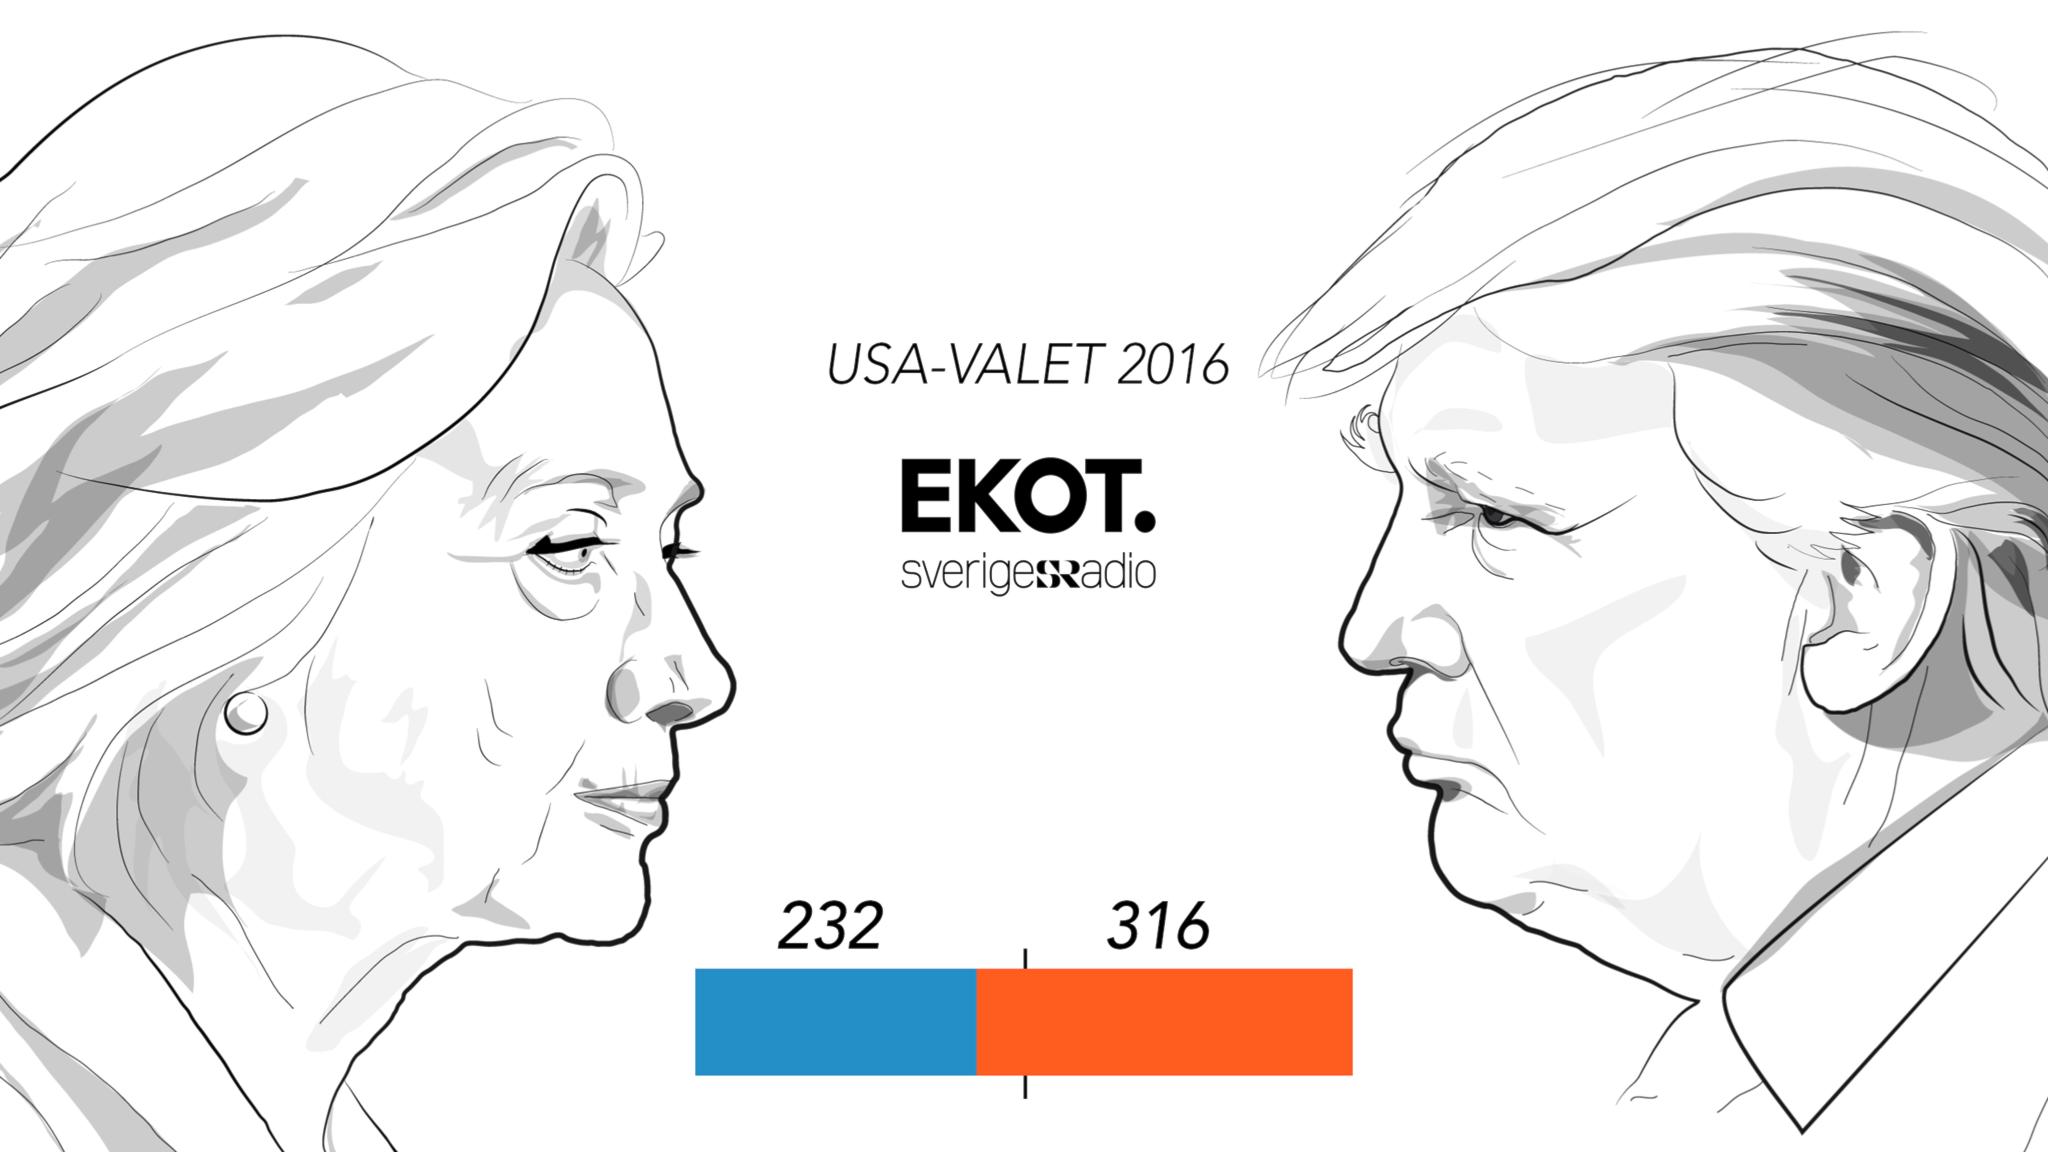 Går det att förutsäga valresultat?